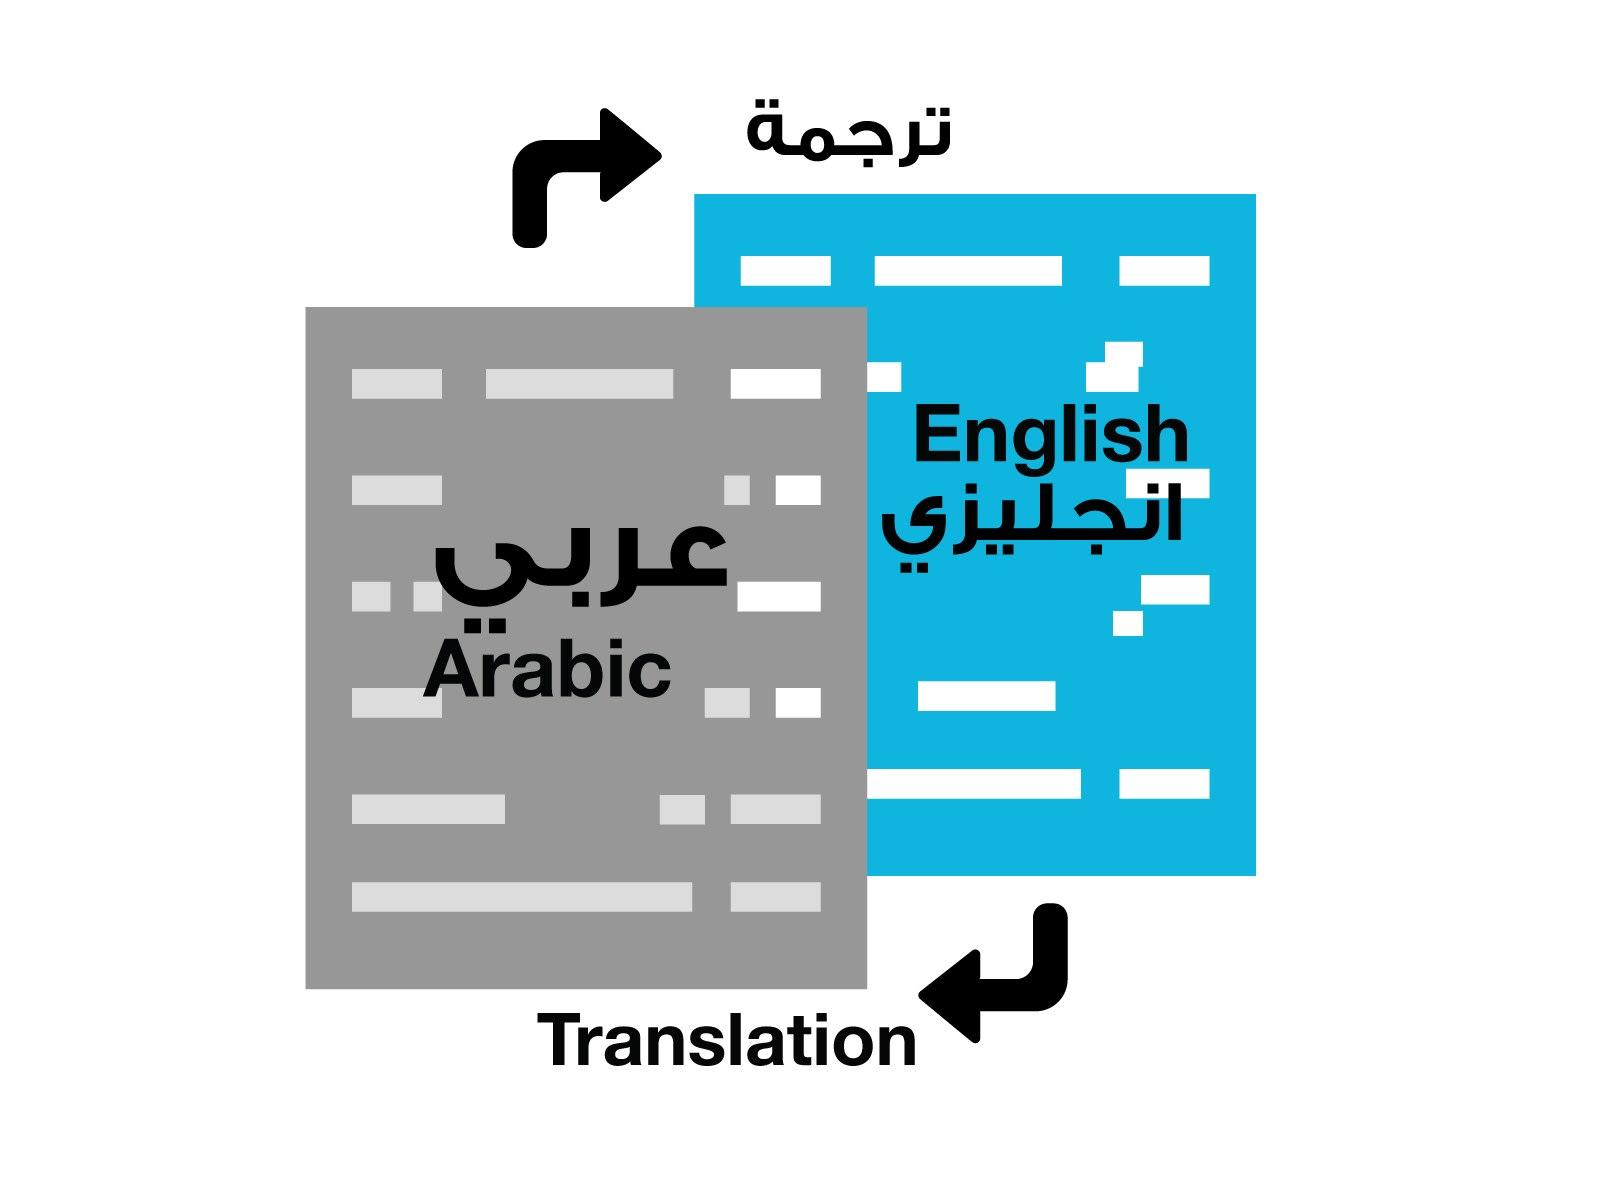 متسلق الجبال وزن مصنع القاموس ترجمه من عربى الى انجليزى Selkirkscrapbook Com